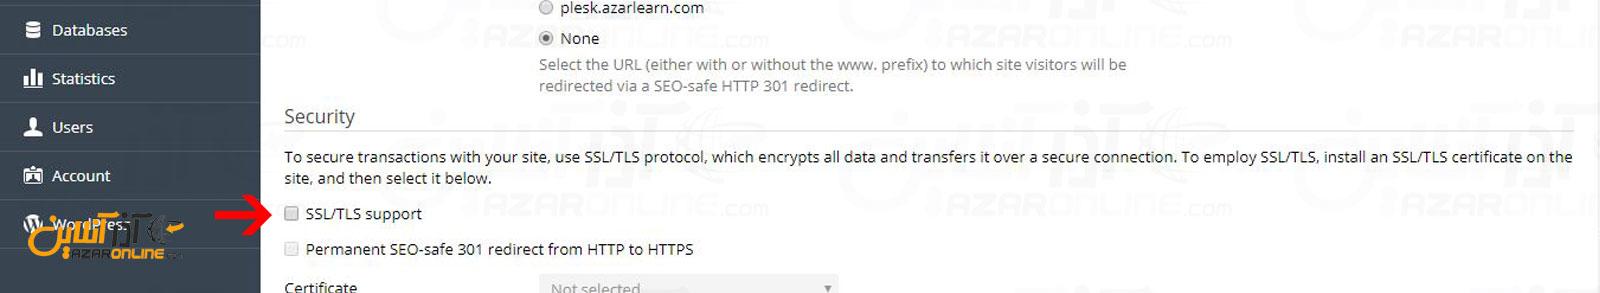 روشن کردن گزینه SSL/TLS support در پلسک